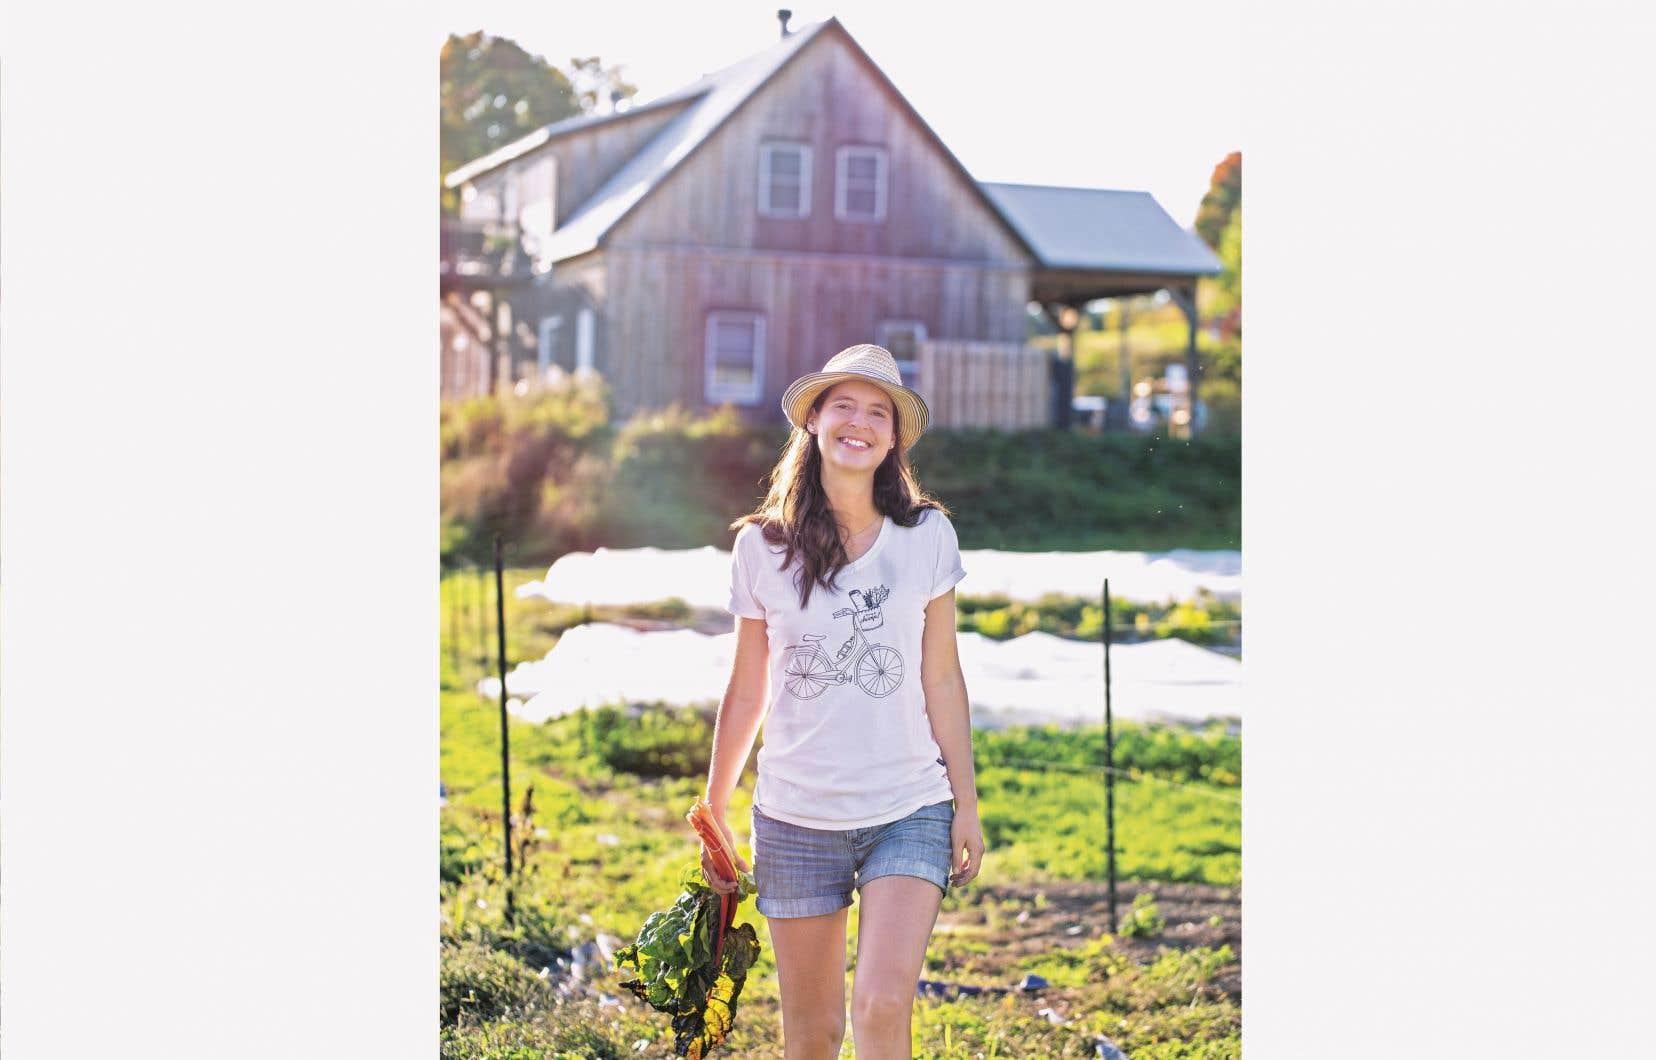 Selon la nutritionniste Julie Aubé, il faut apprendre à mieux connaître notre terroir et respecter son rythme.